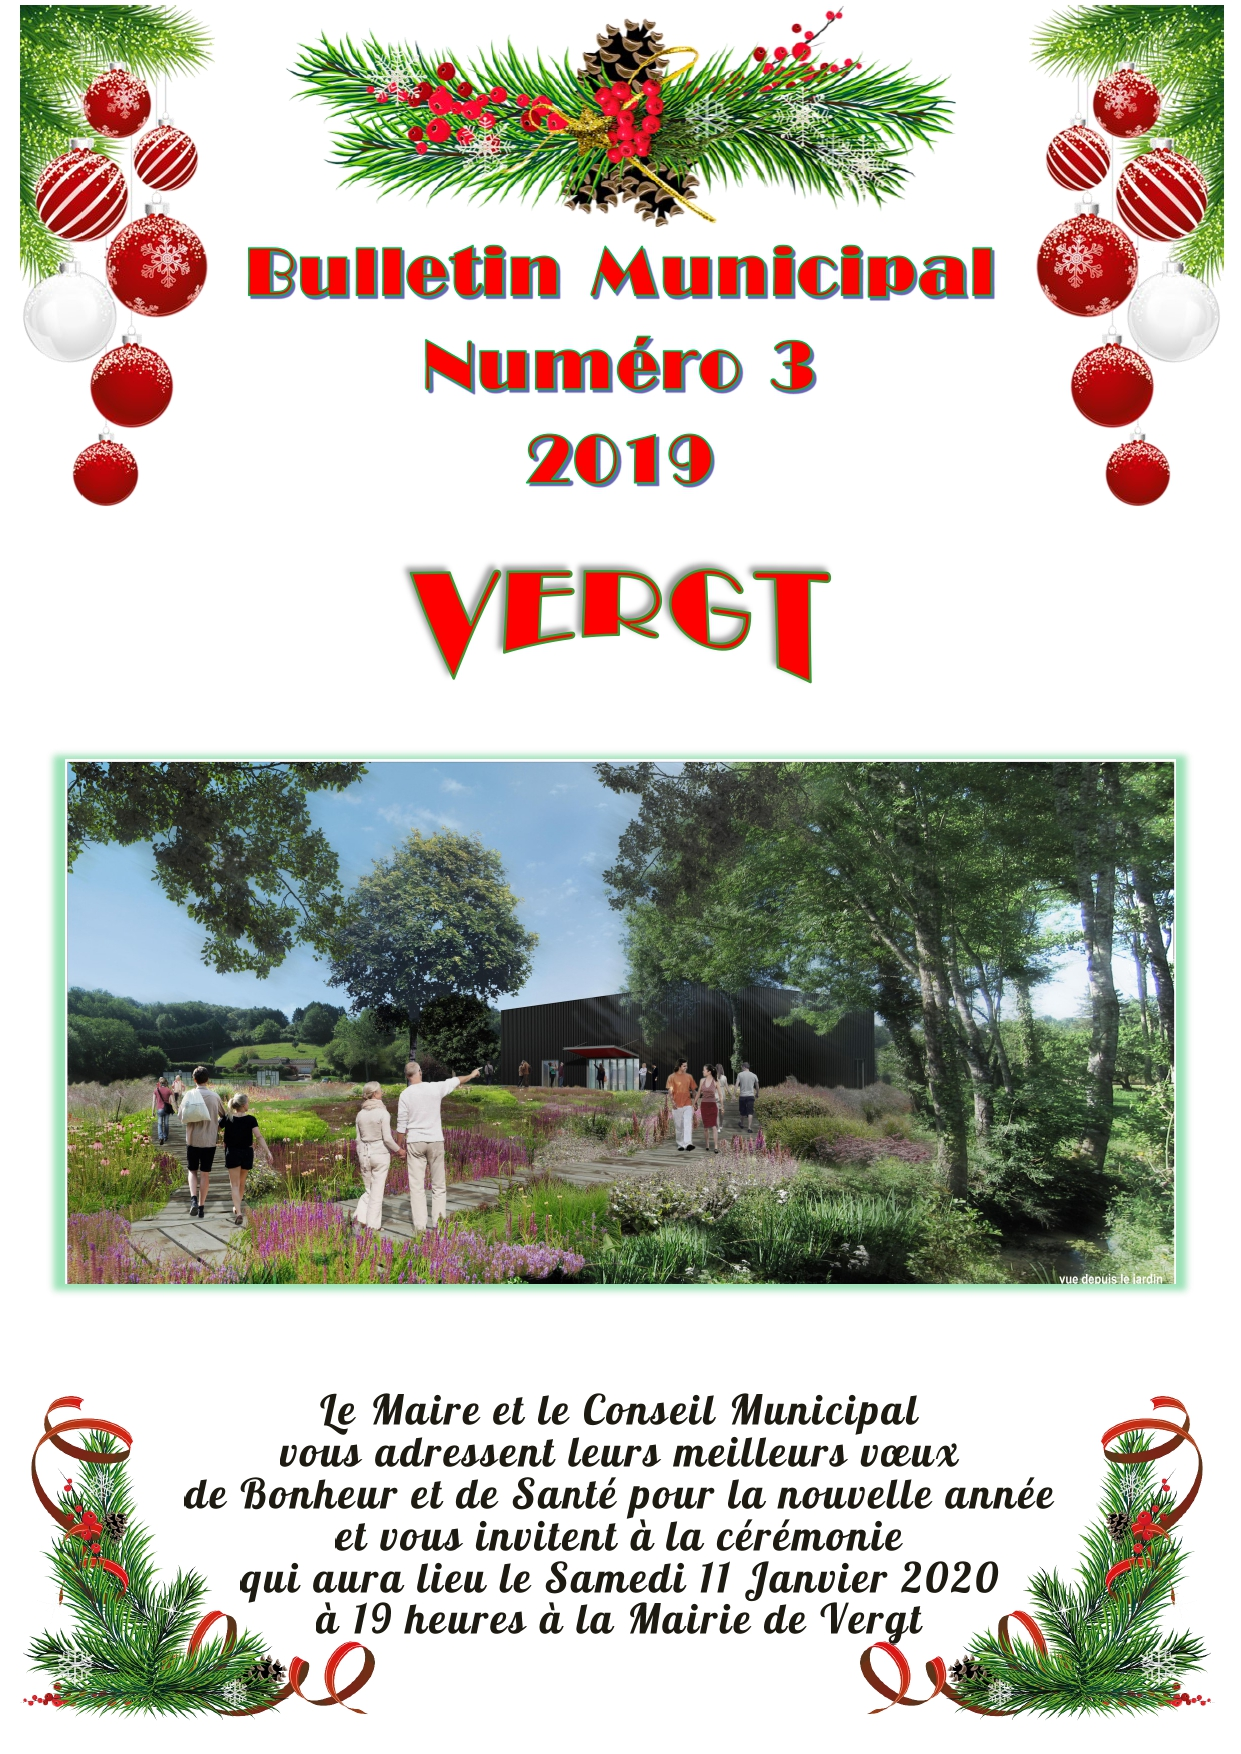 Bulletin Municipal N°3 2019